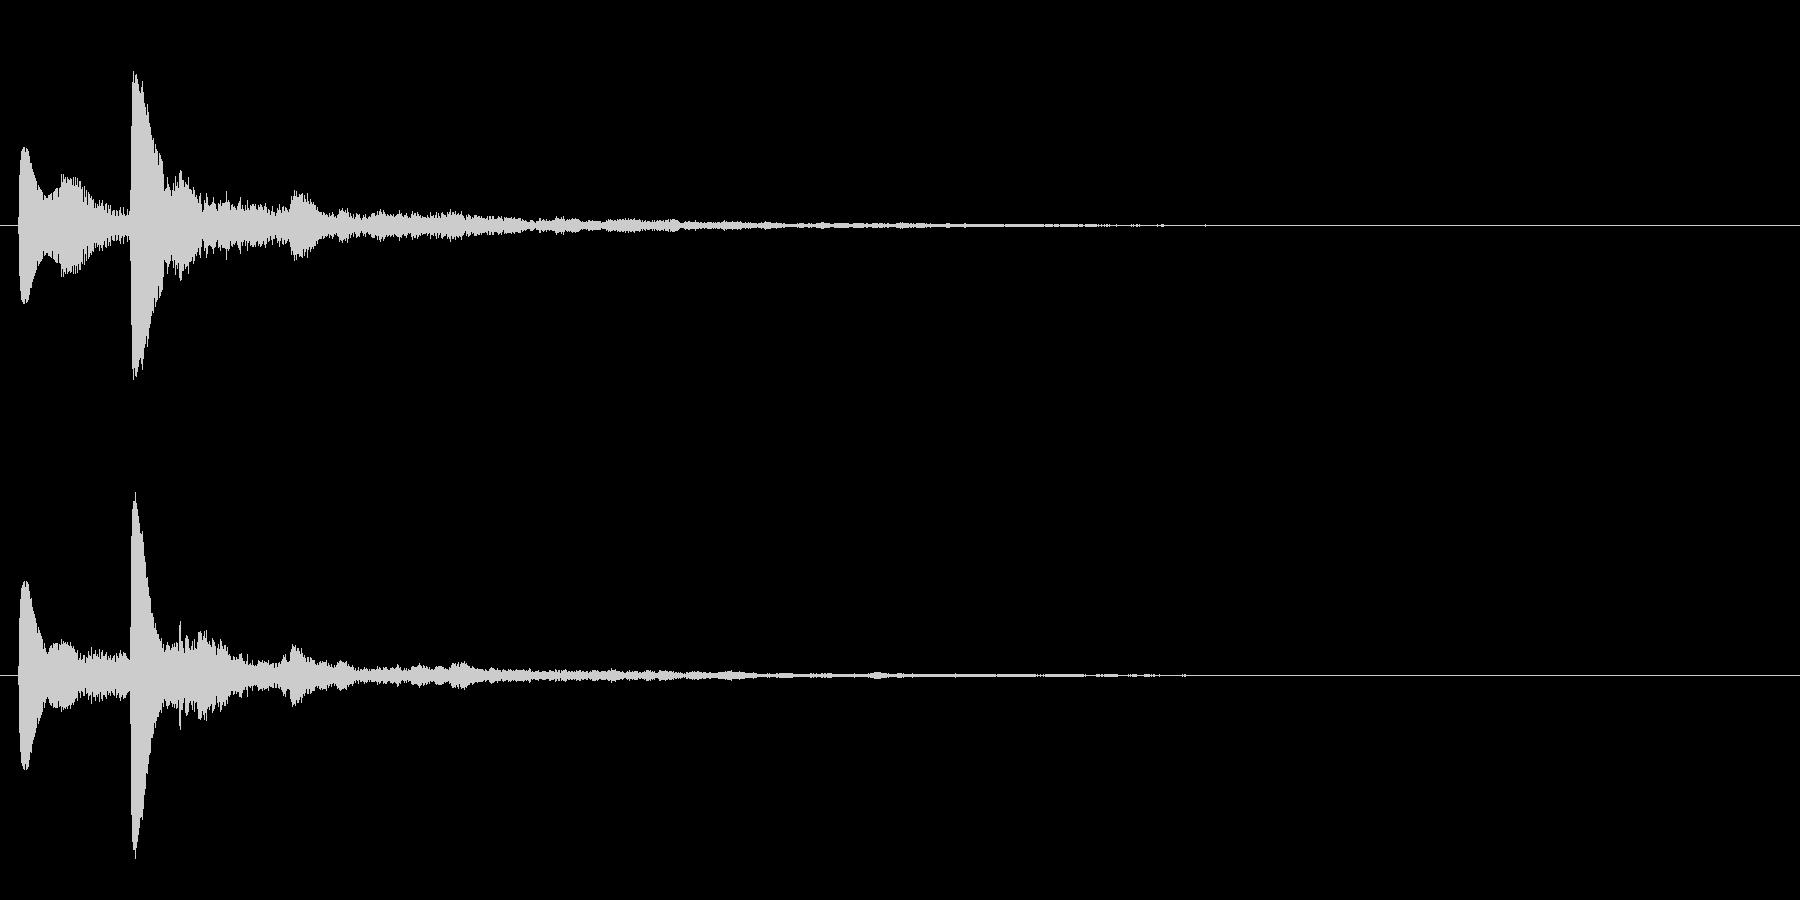 テロップ表示音~暗めな3和音の分散系~の未再生の波形